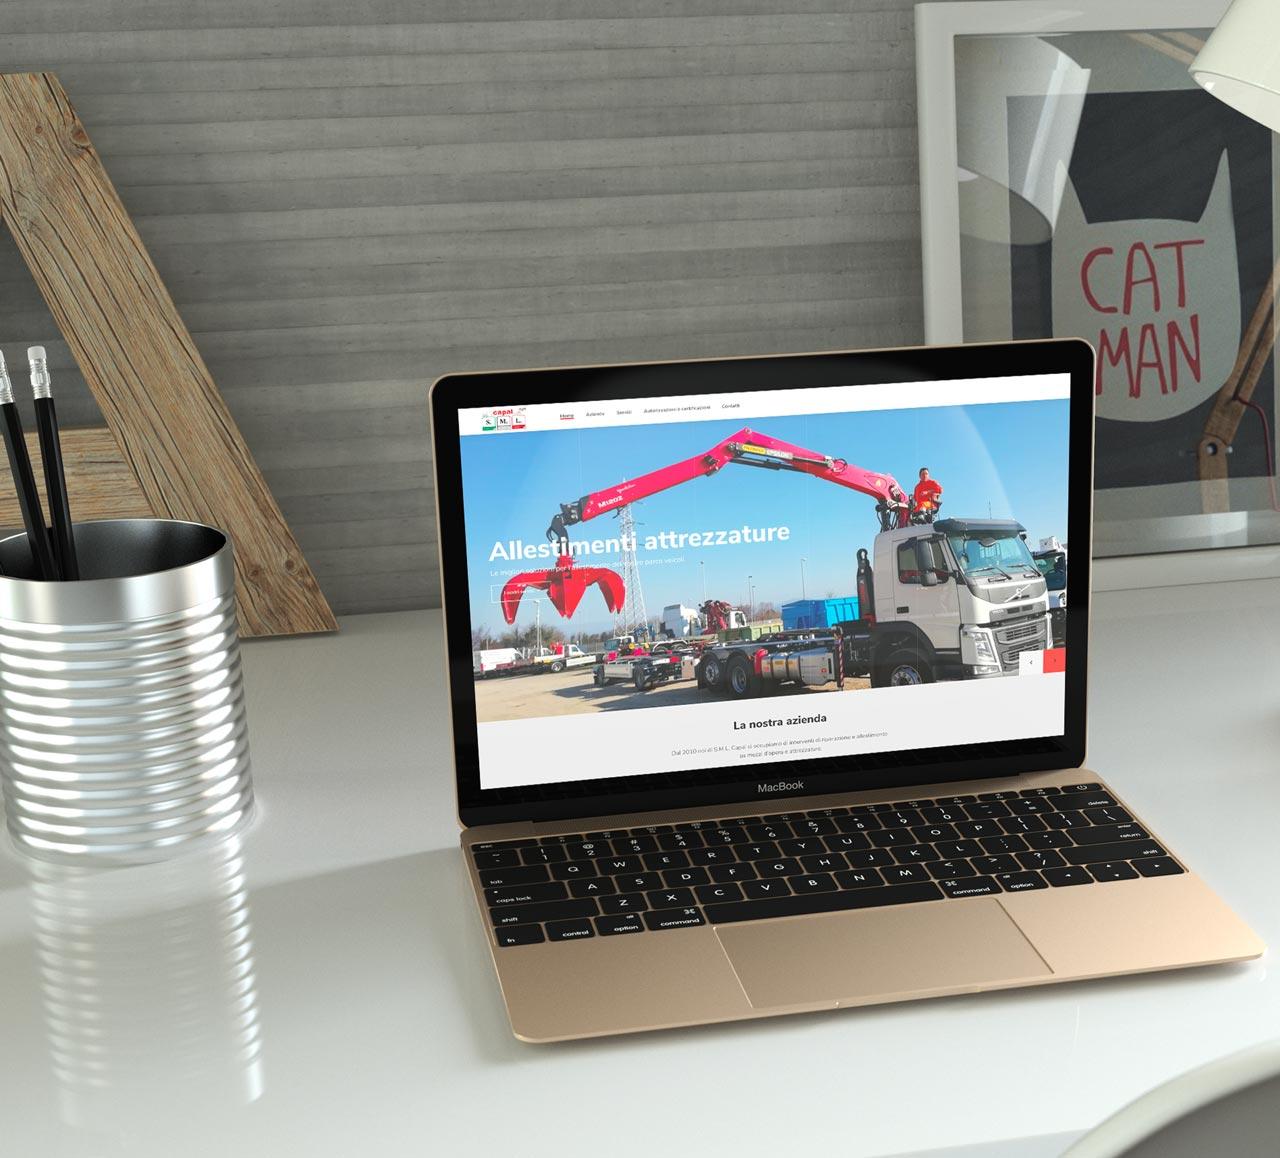 Anteprima Sito web aziendale personalizzato SML sul portatile sulla scrivania